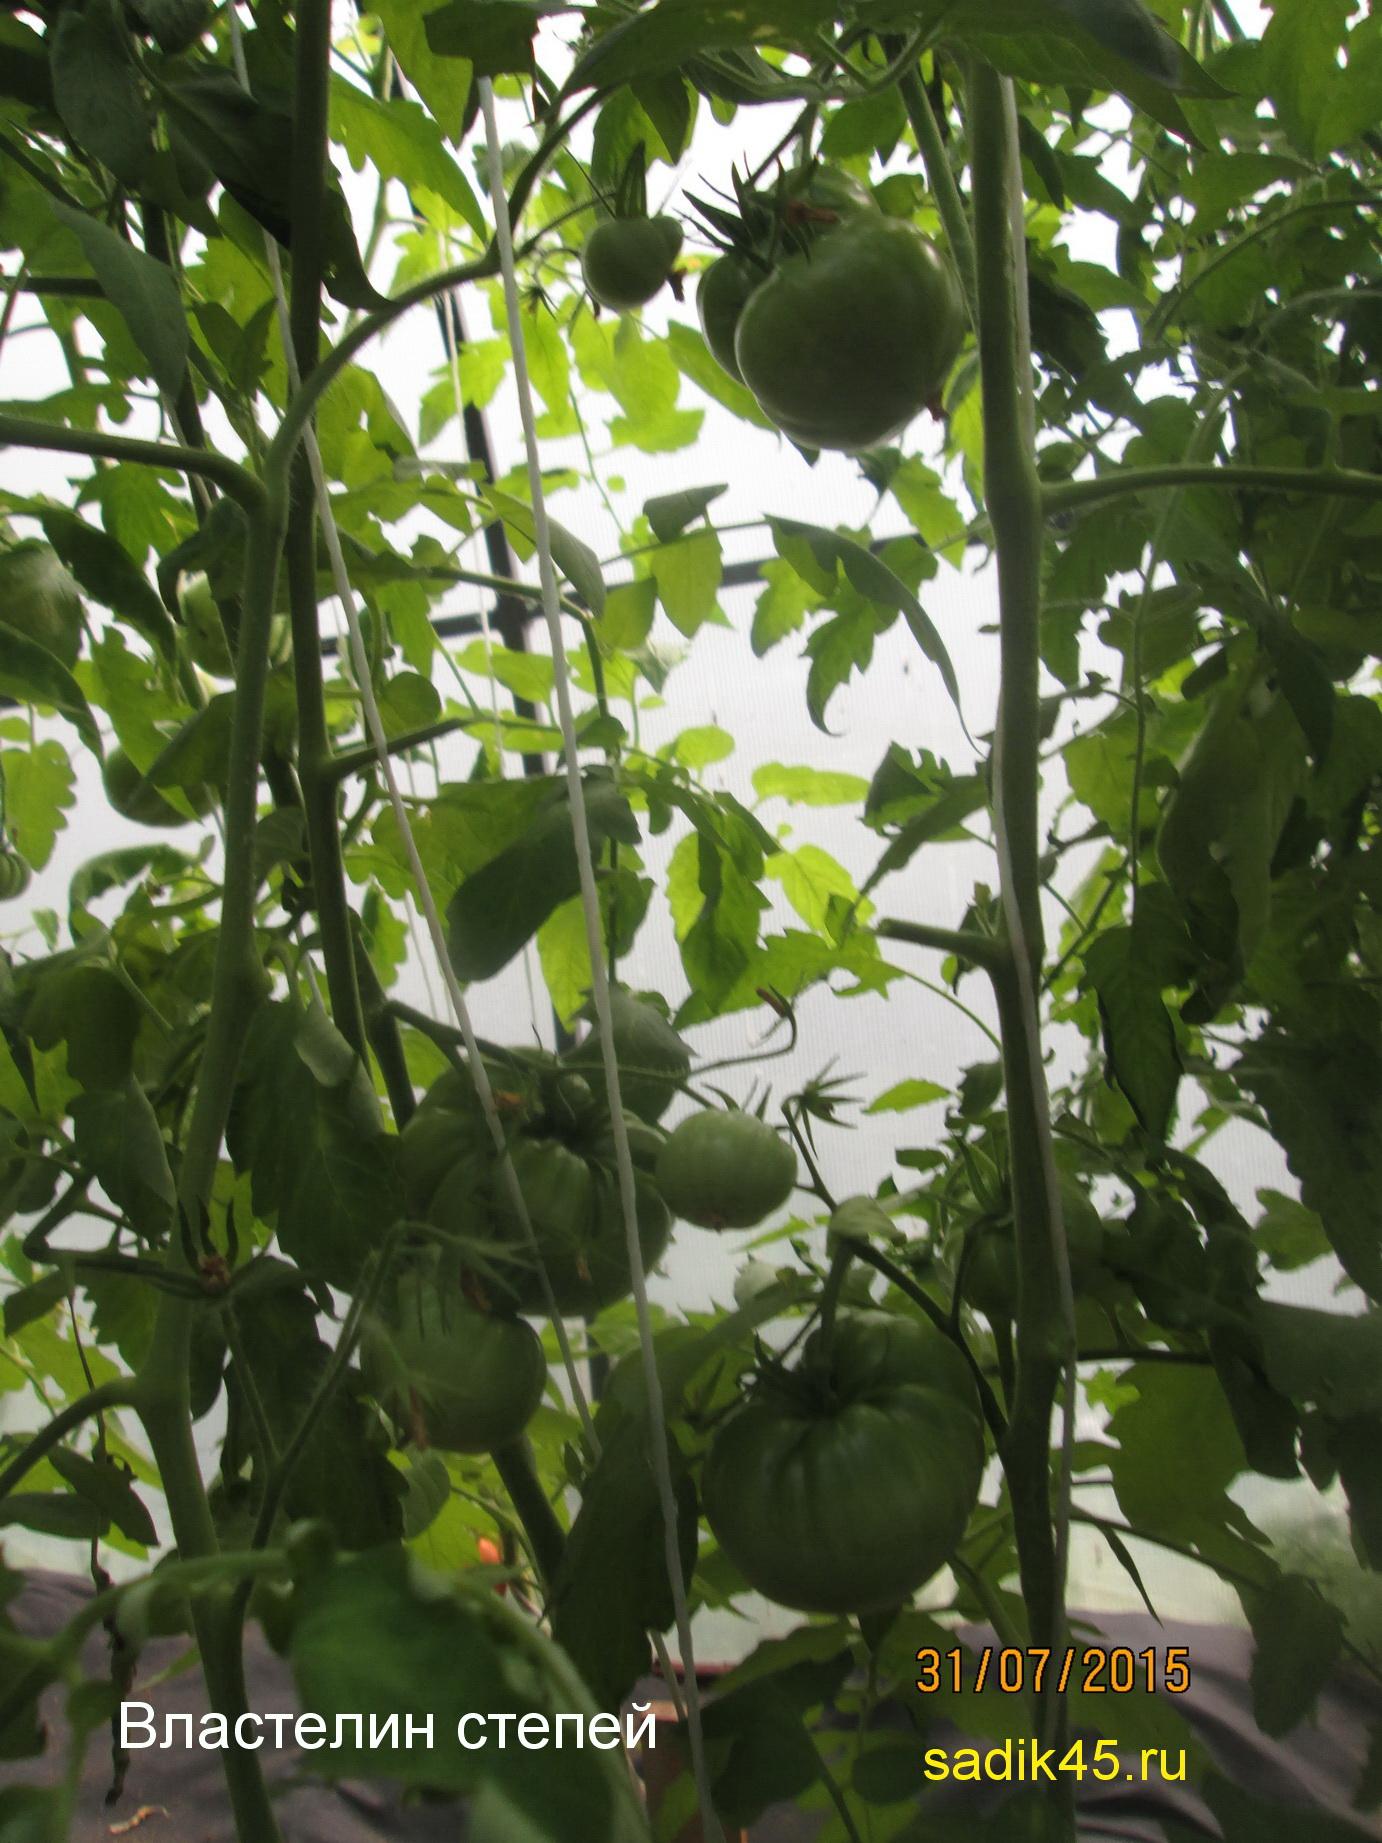 Что за сорт томатов властелин степей